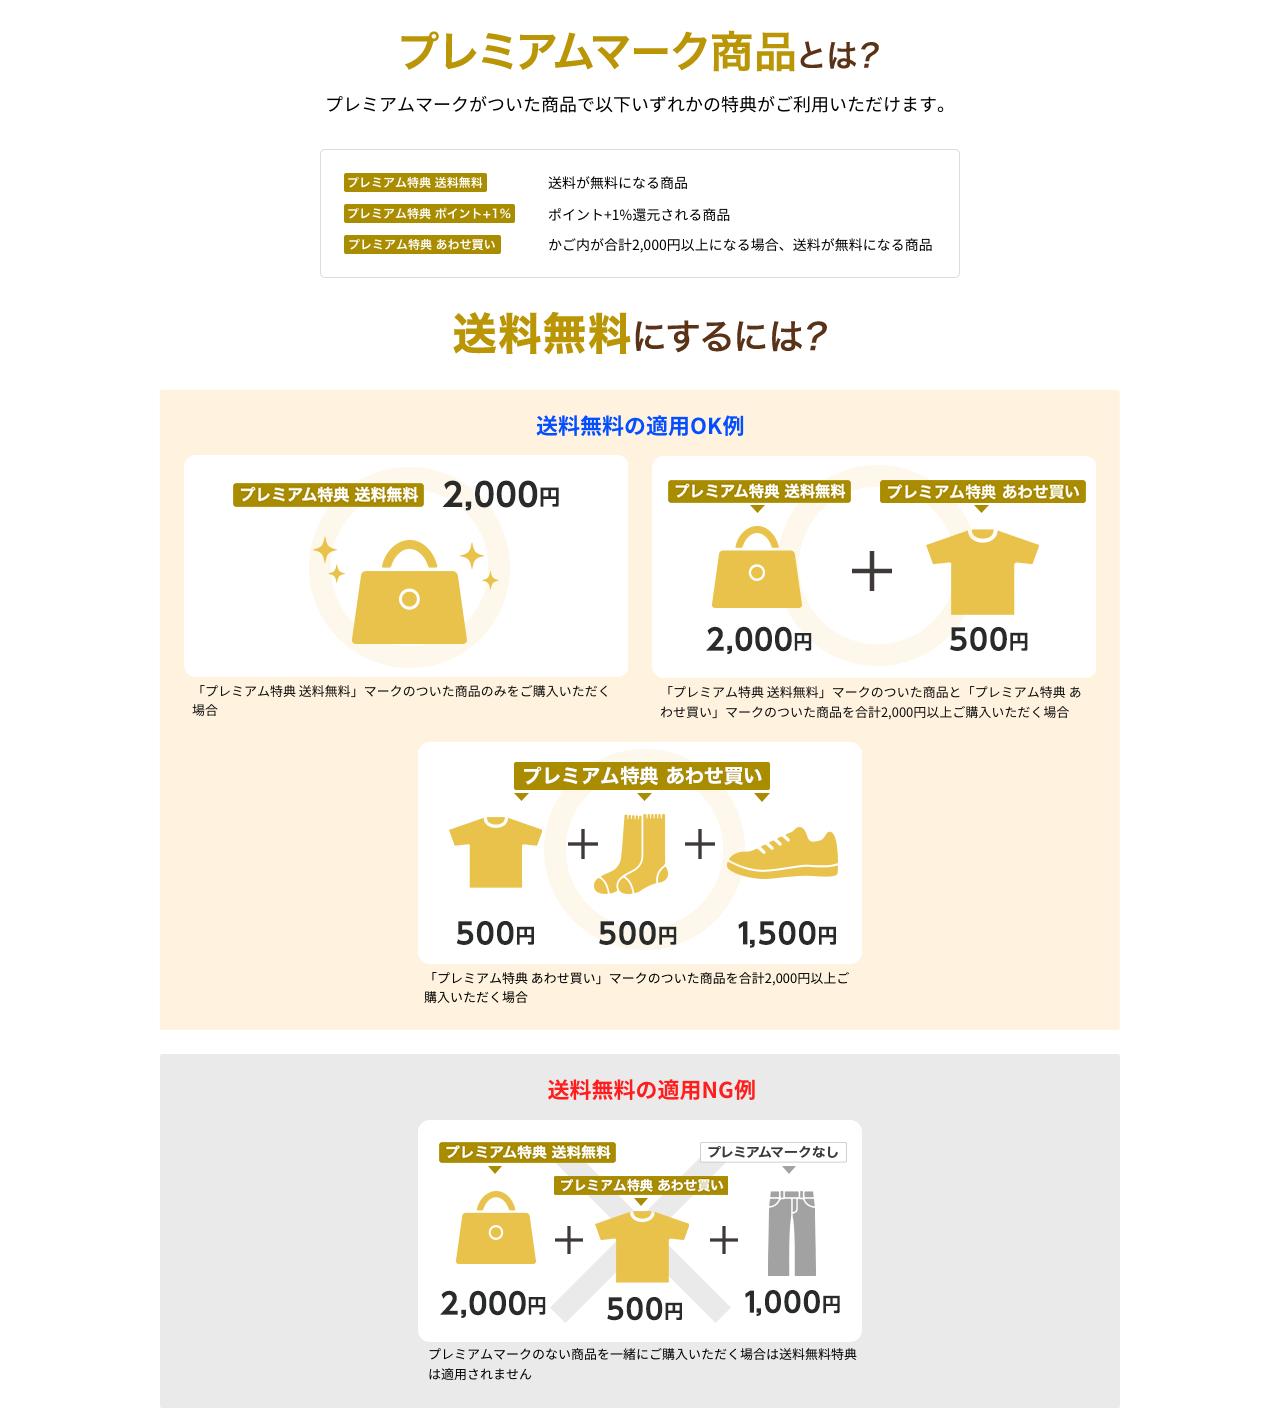 oshirase_202012_PC_あわせ買い_スマプレ訴求.png